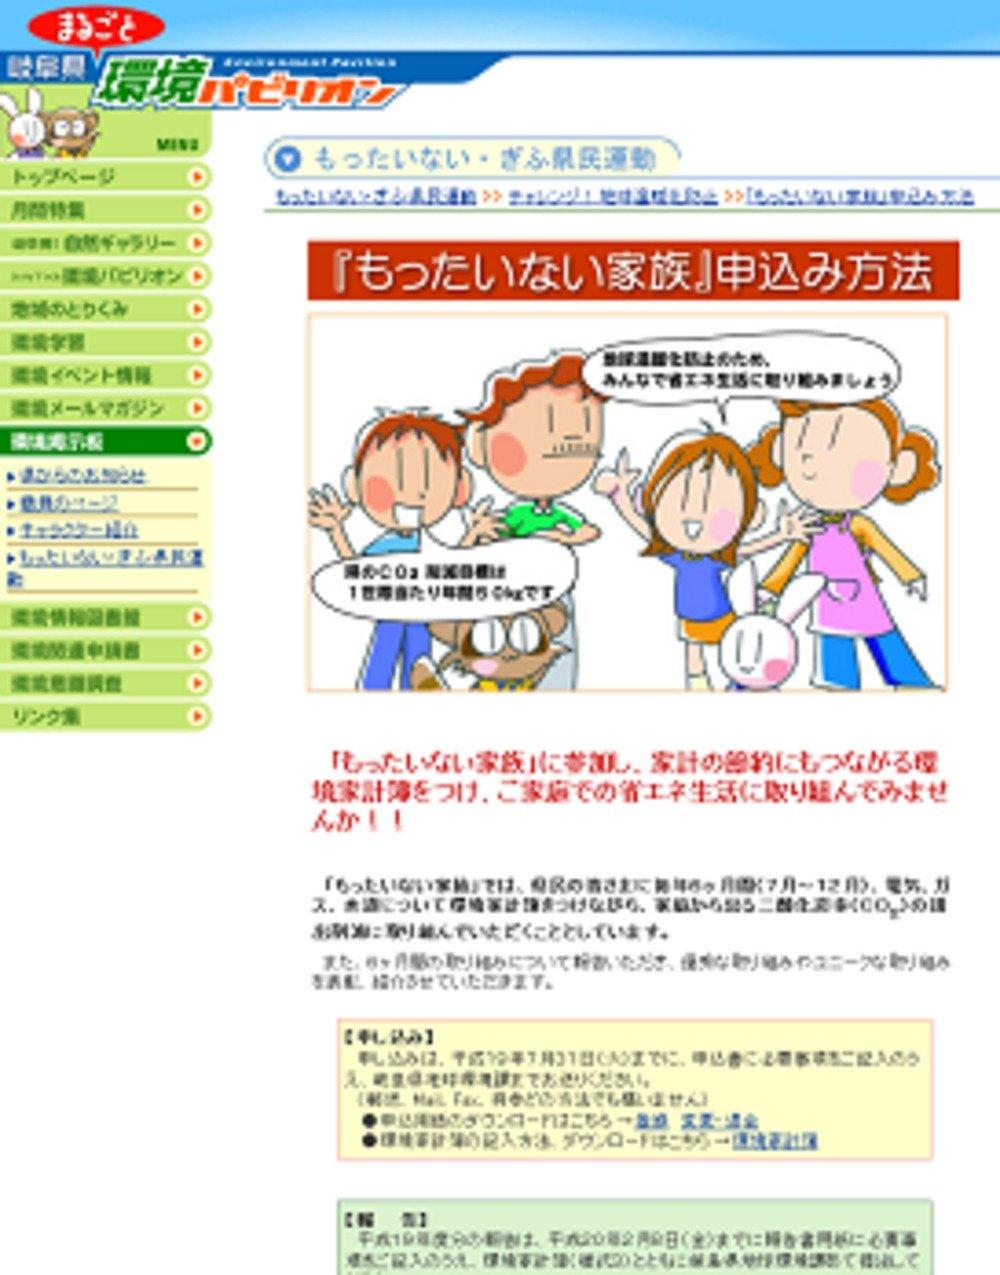 岐阜県では「もったいない家族」を募集中だ